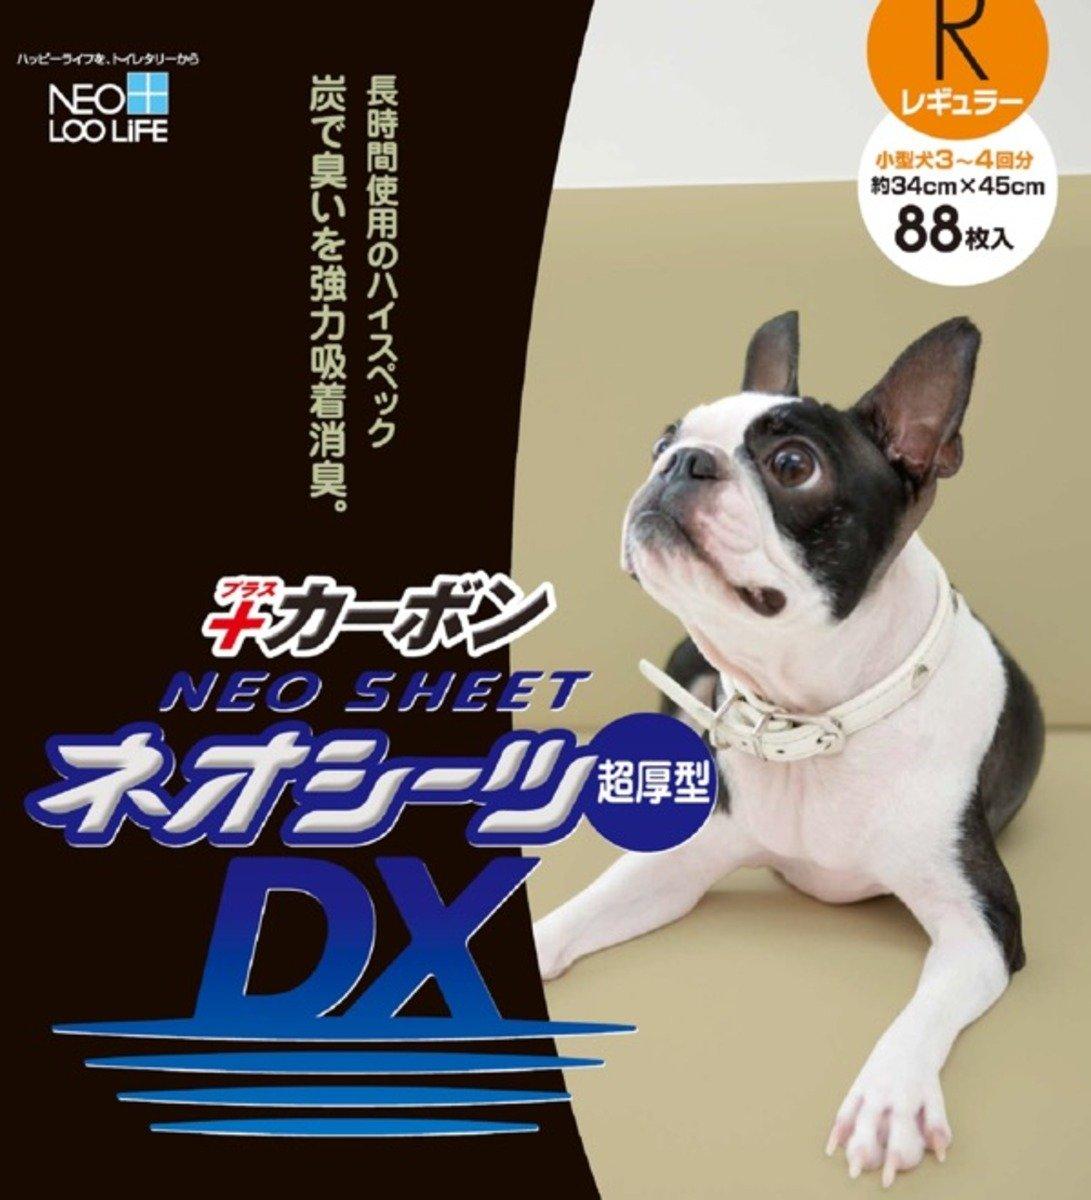 日本 NEO (消臭炭) DX 超厚型寵物尿片88片裝 - 45x34cm